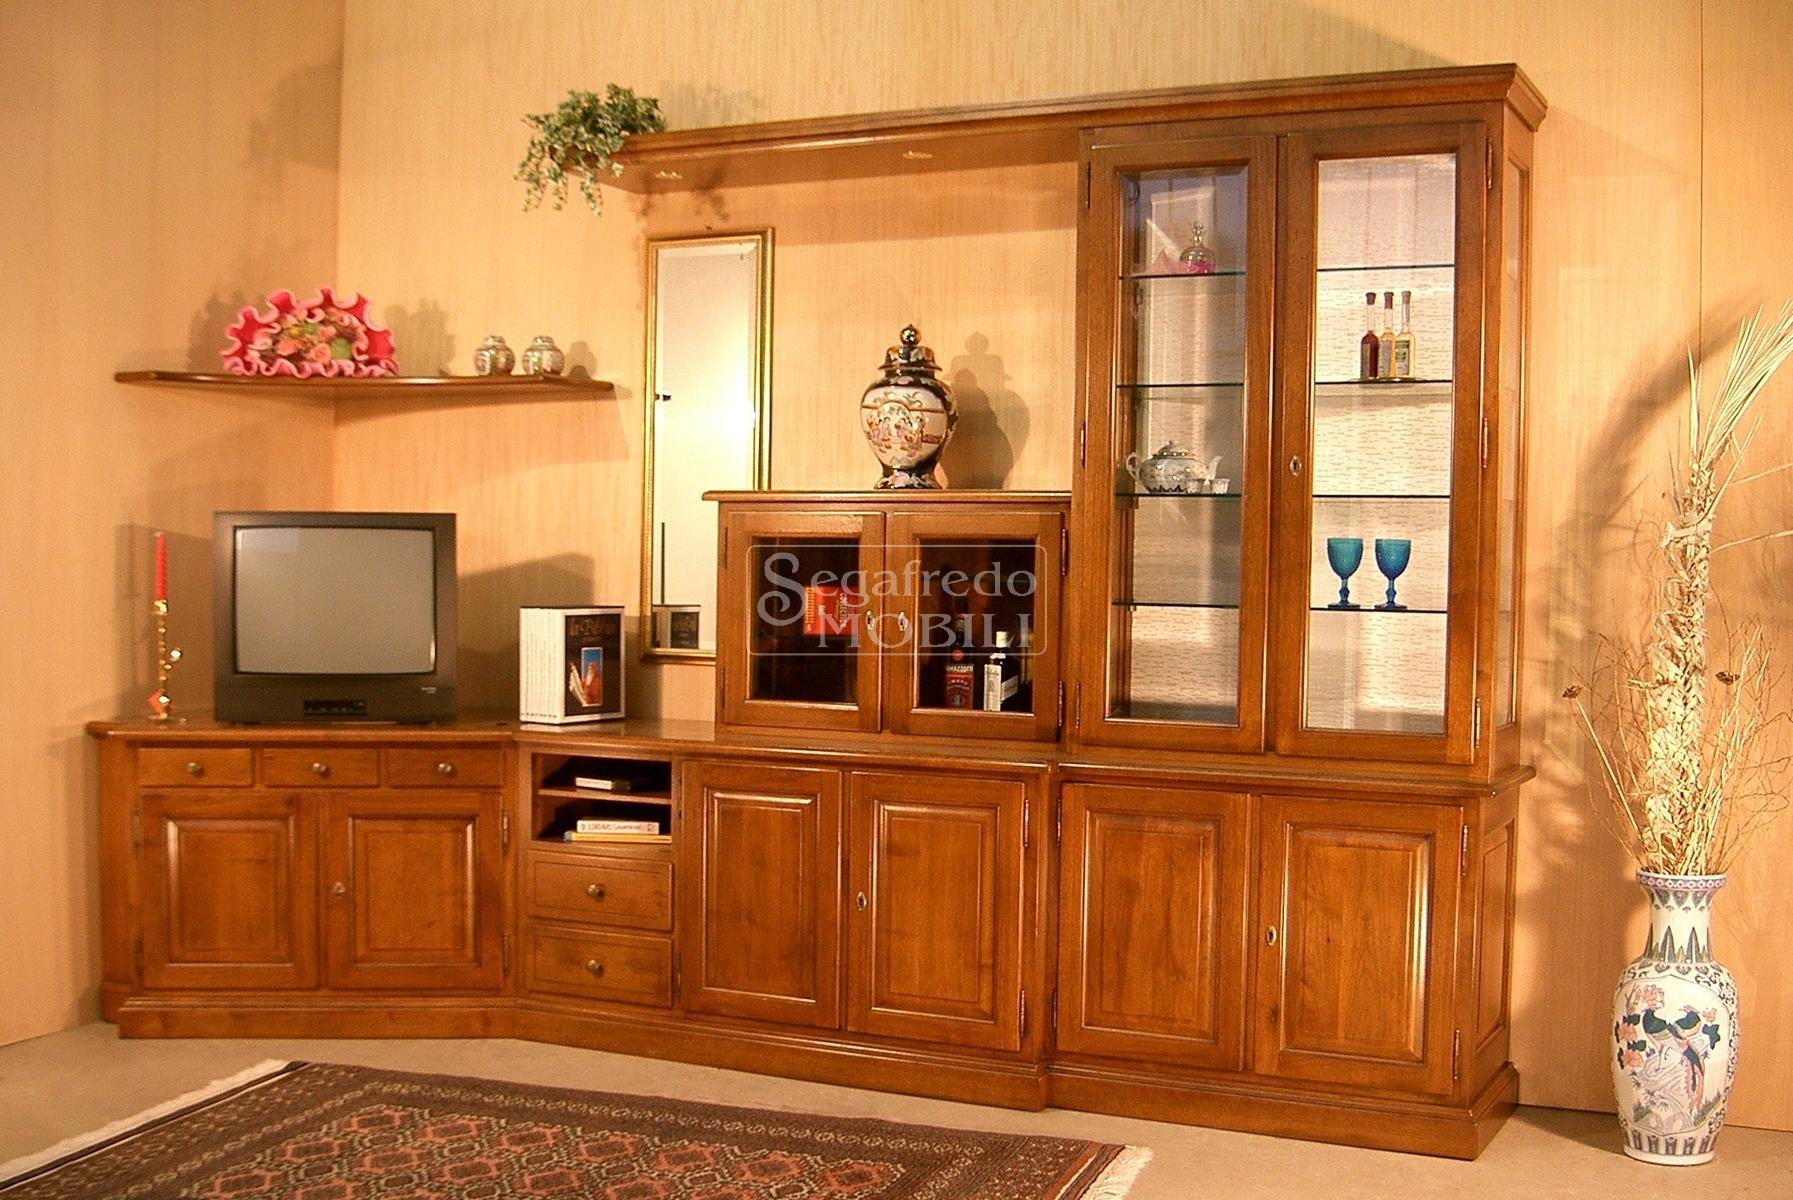 Mobile su misura per soggiorno in legno massiccio con for Disposizione mobili soggiorno